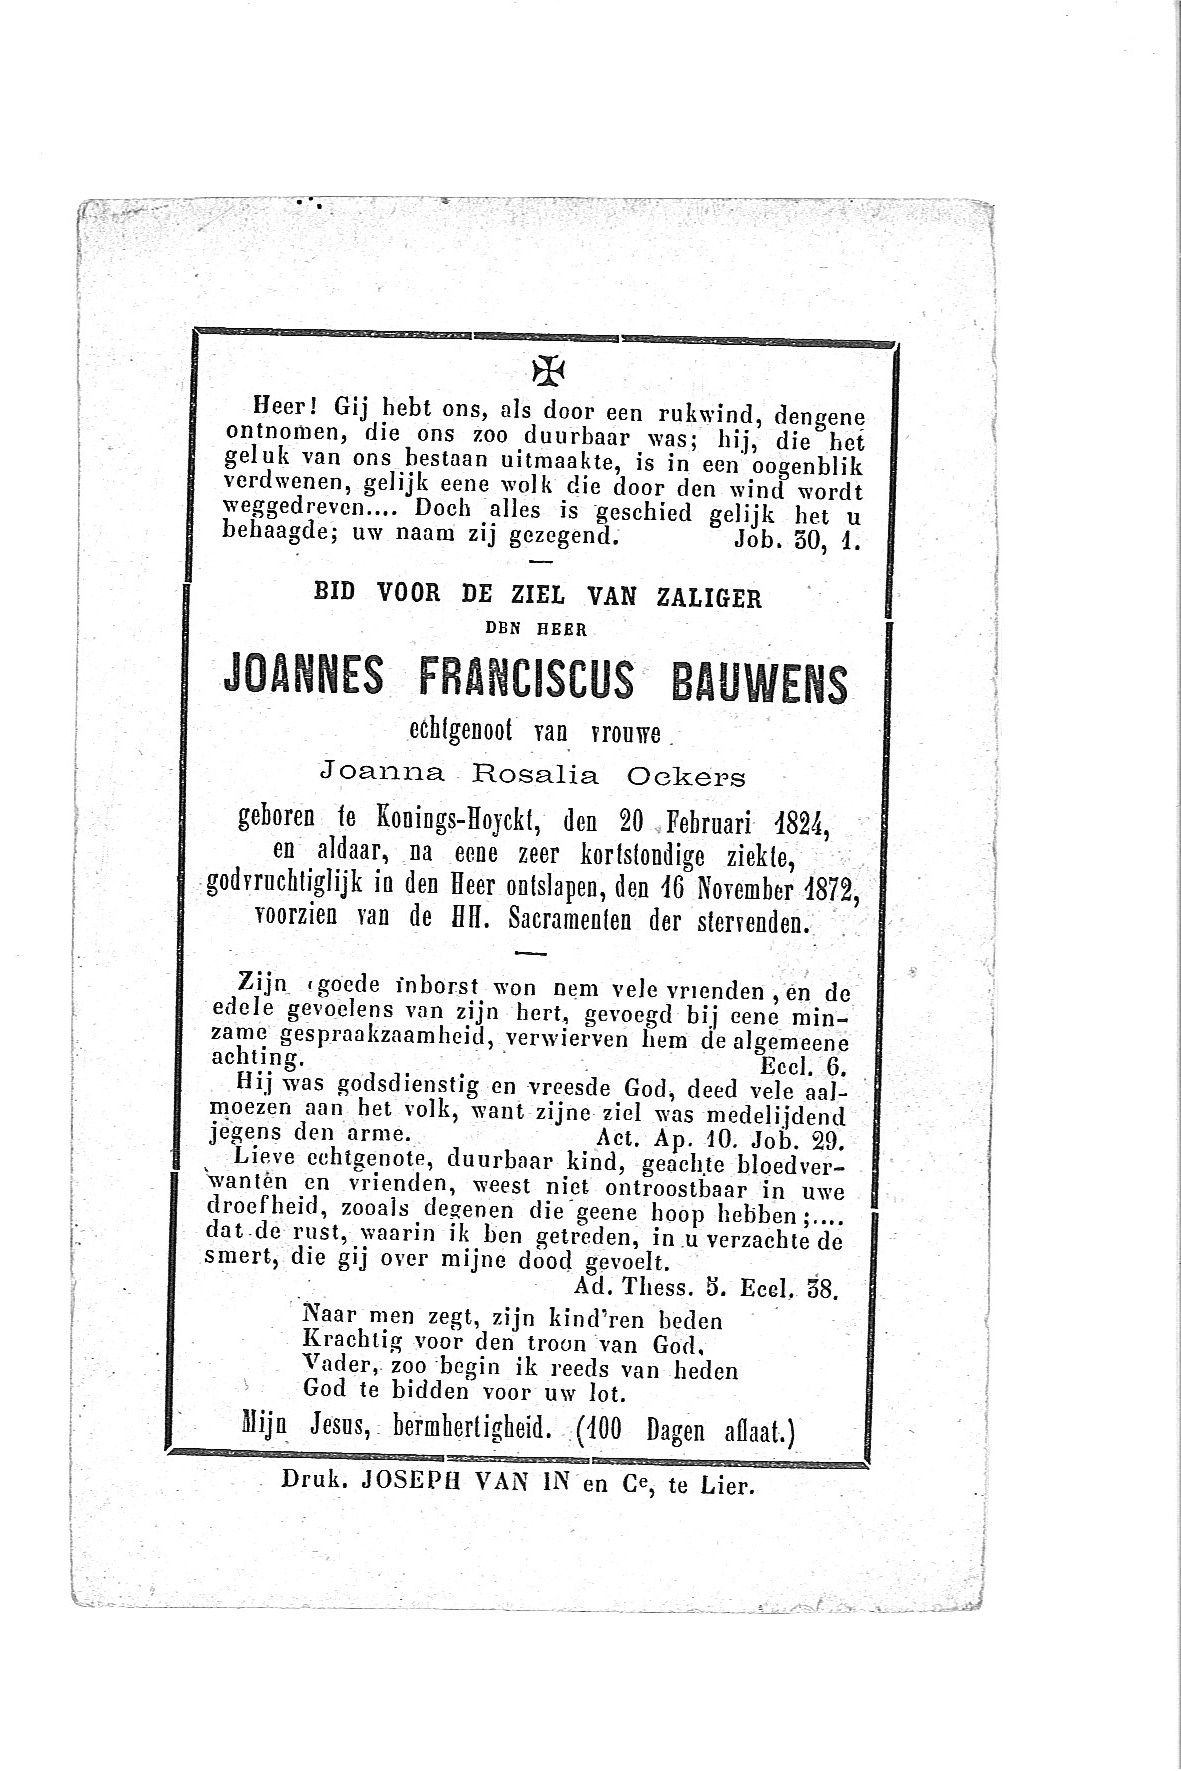 joannes-franciscus(1872)-20090115110028_00019.jpg